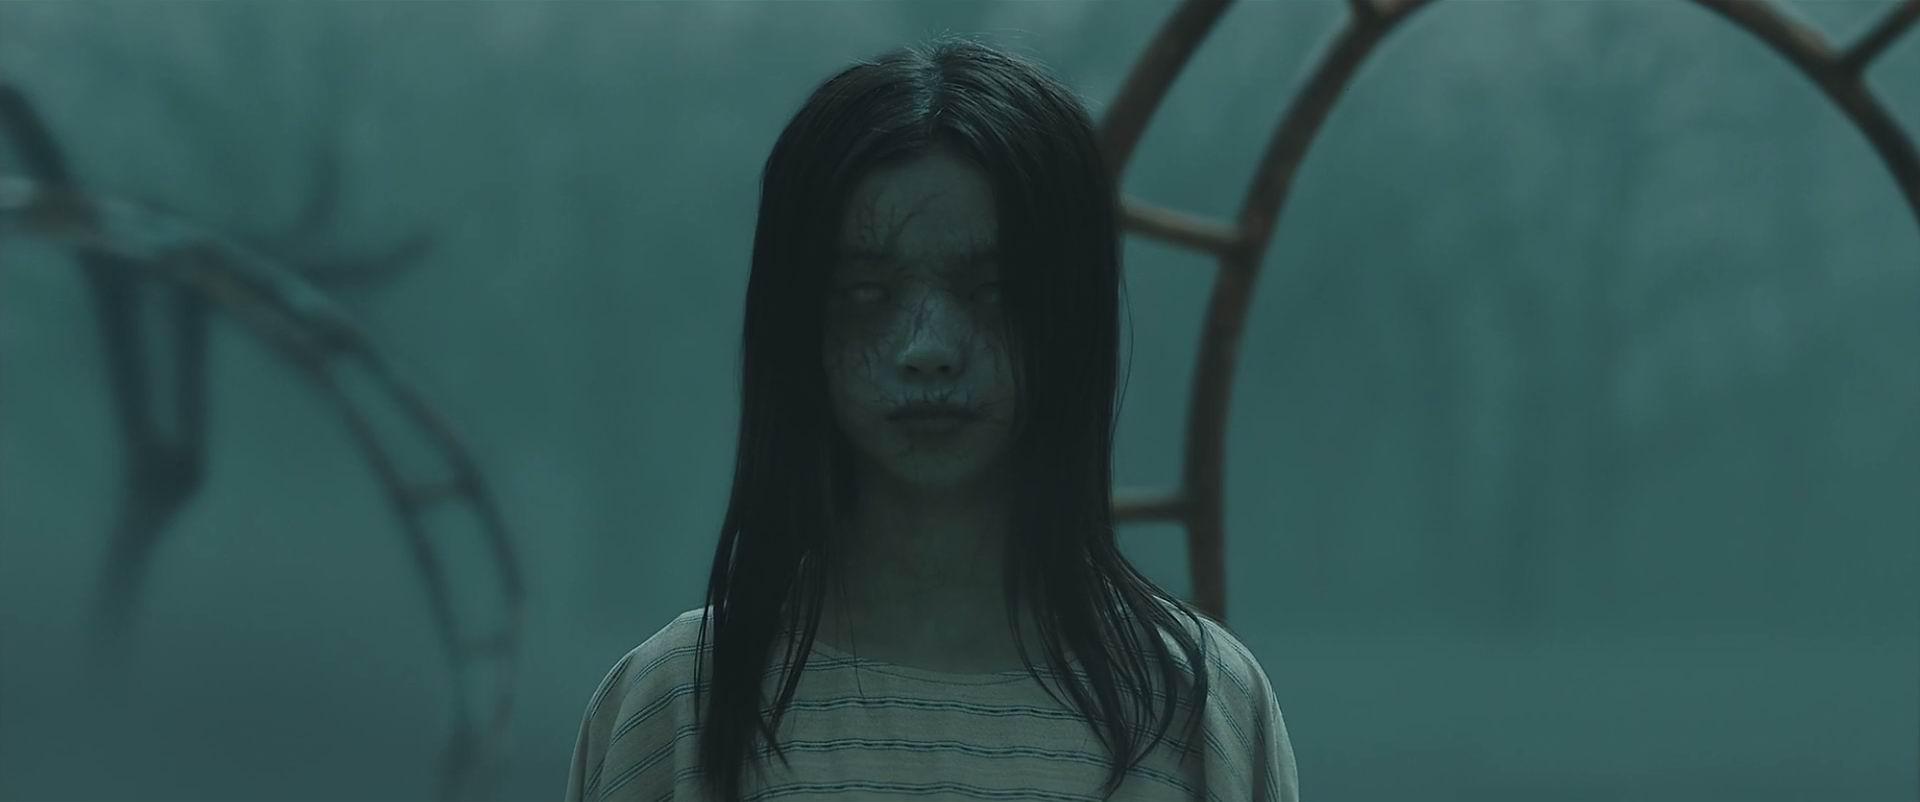 2020河正宇鬼片《衣橱》HD1080P.韩语中字